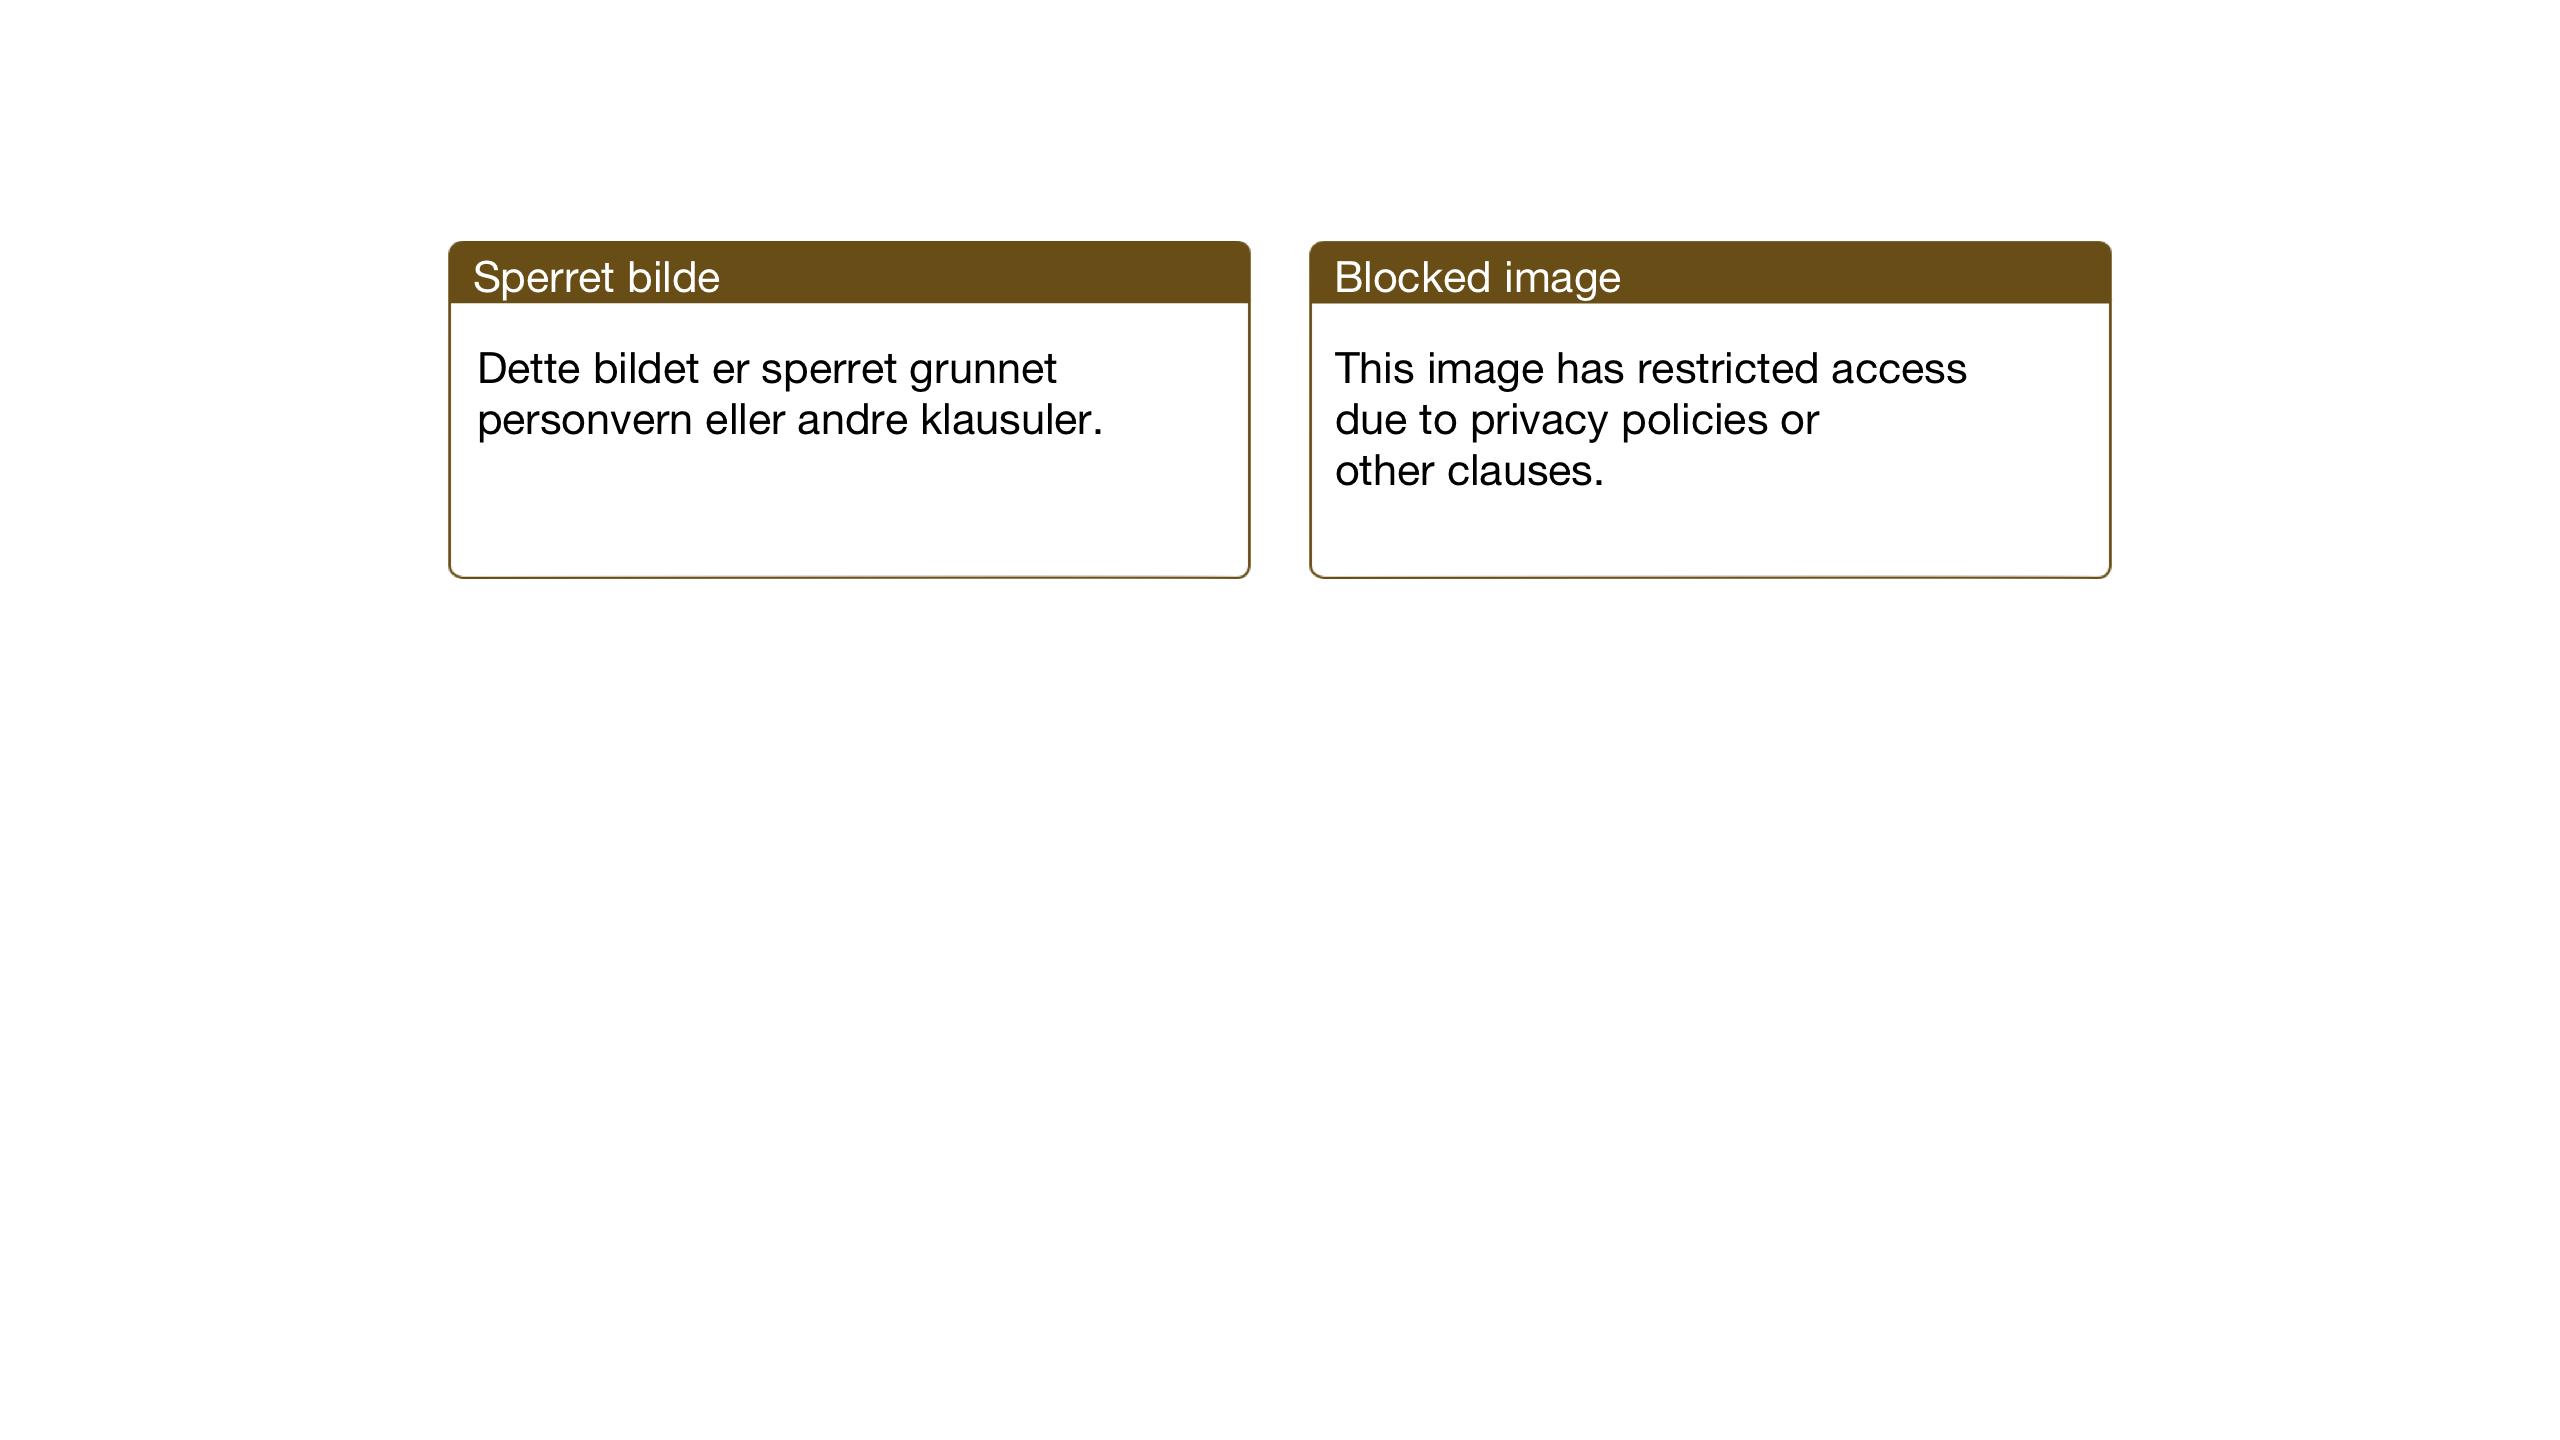 SAT, Ministerialprotokoller, klokkerbøker og fødselsregistre - Sør-Trøndelag, 691/L1095: Klokkerbok nr. 691C06, 1912-1933, s. 114